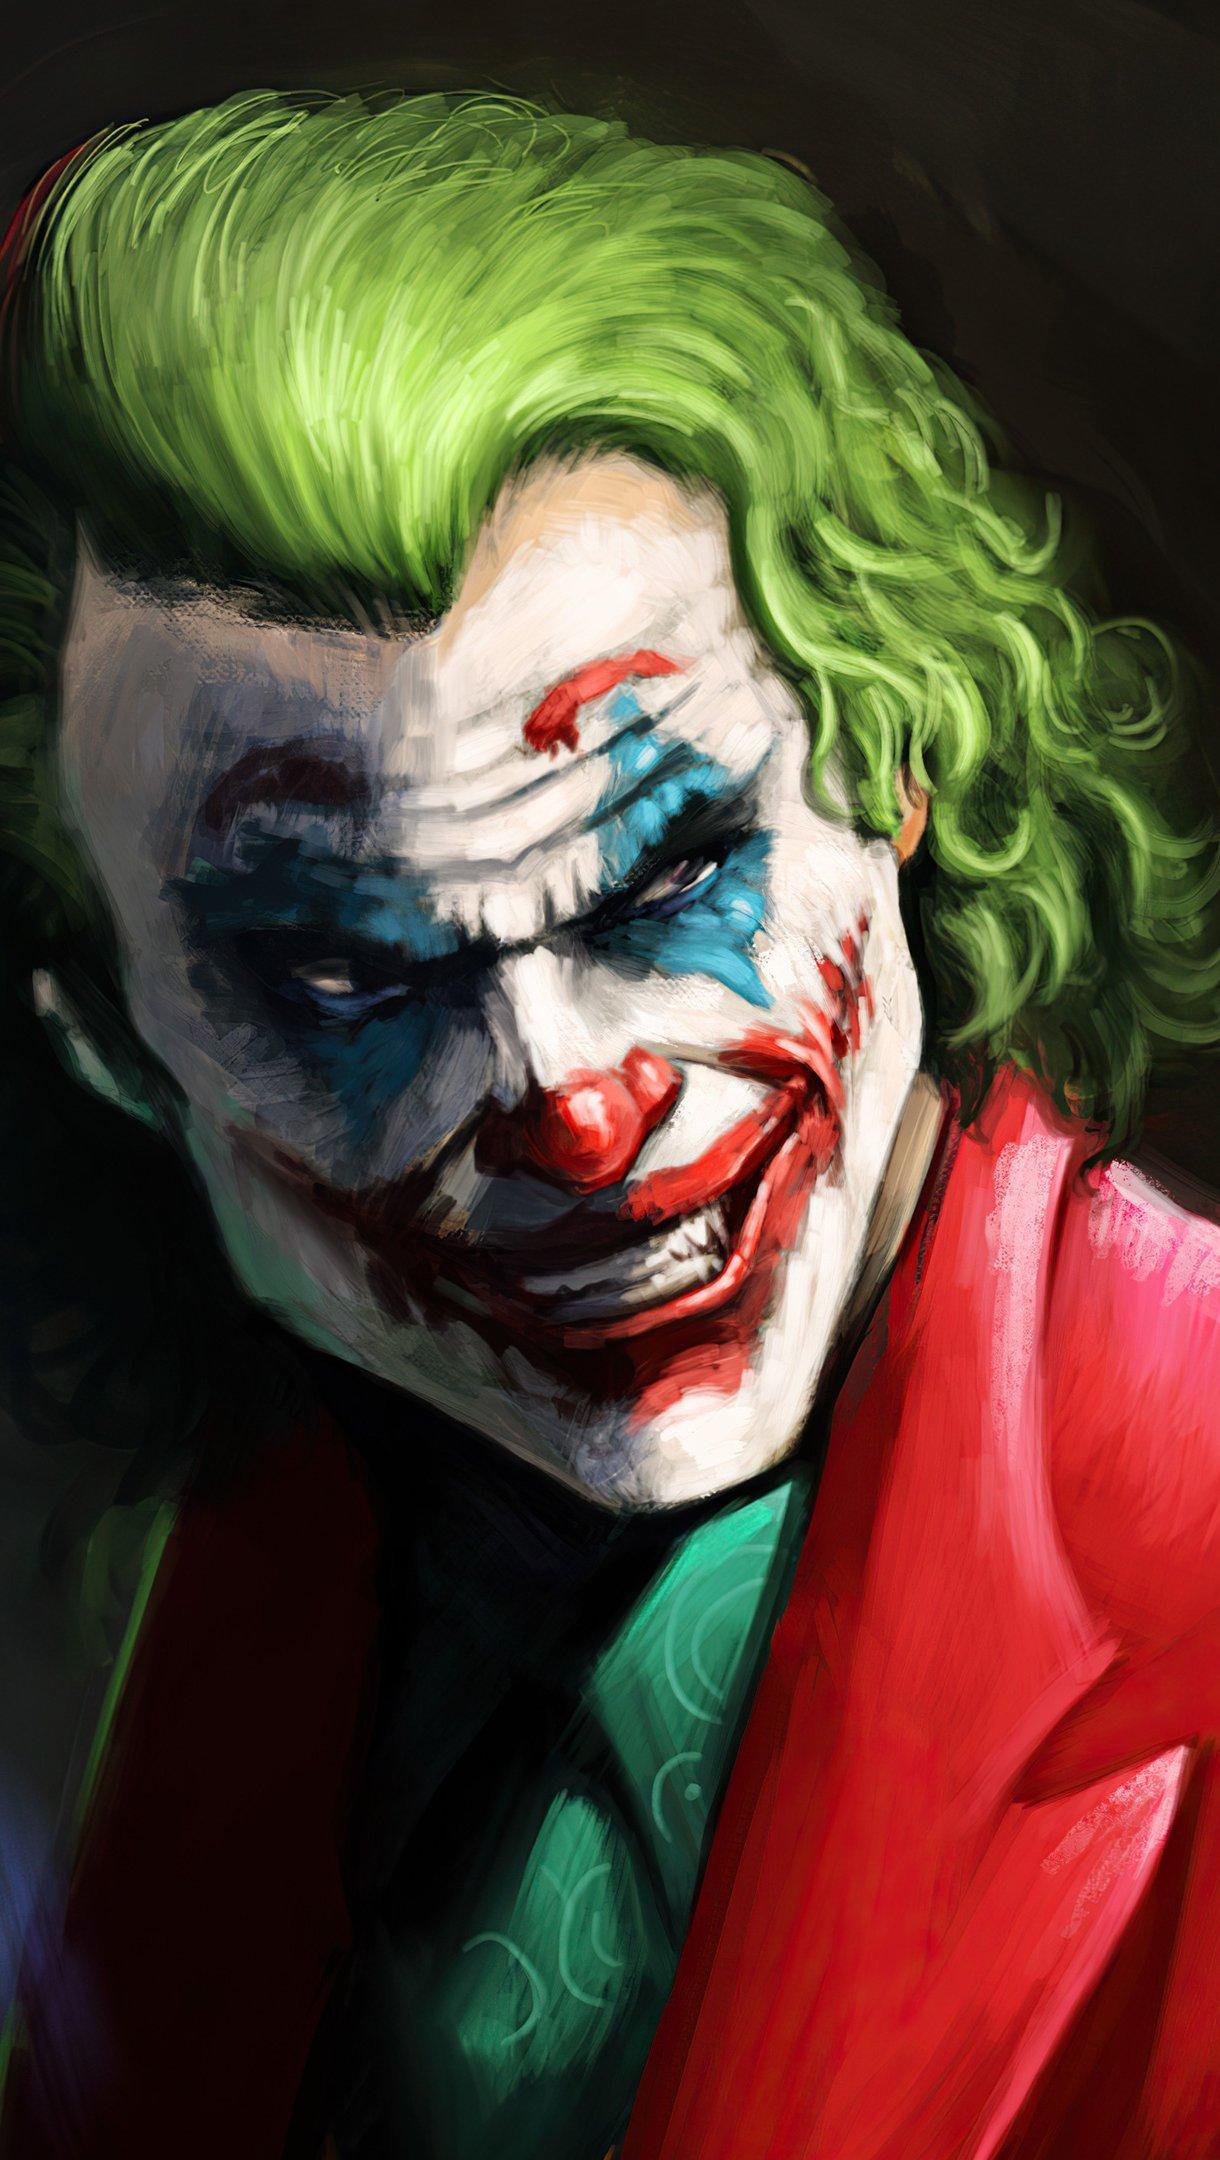 Wallpaper Joker Fanart 2021 Vertical